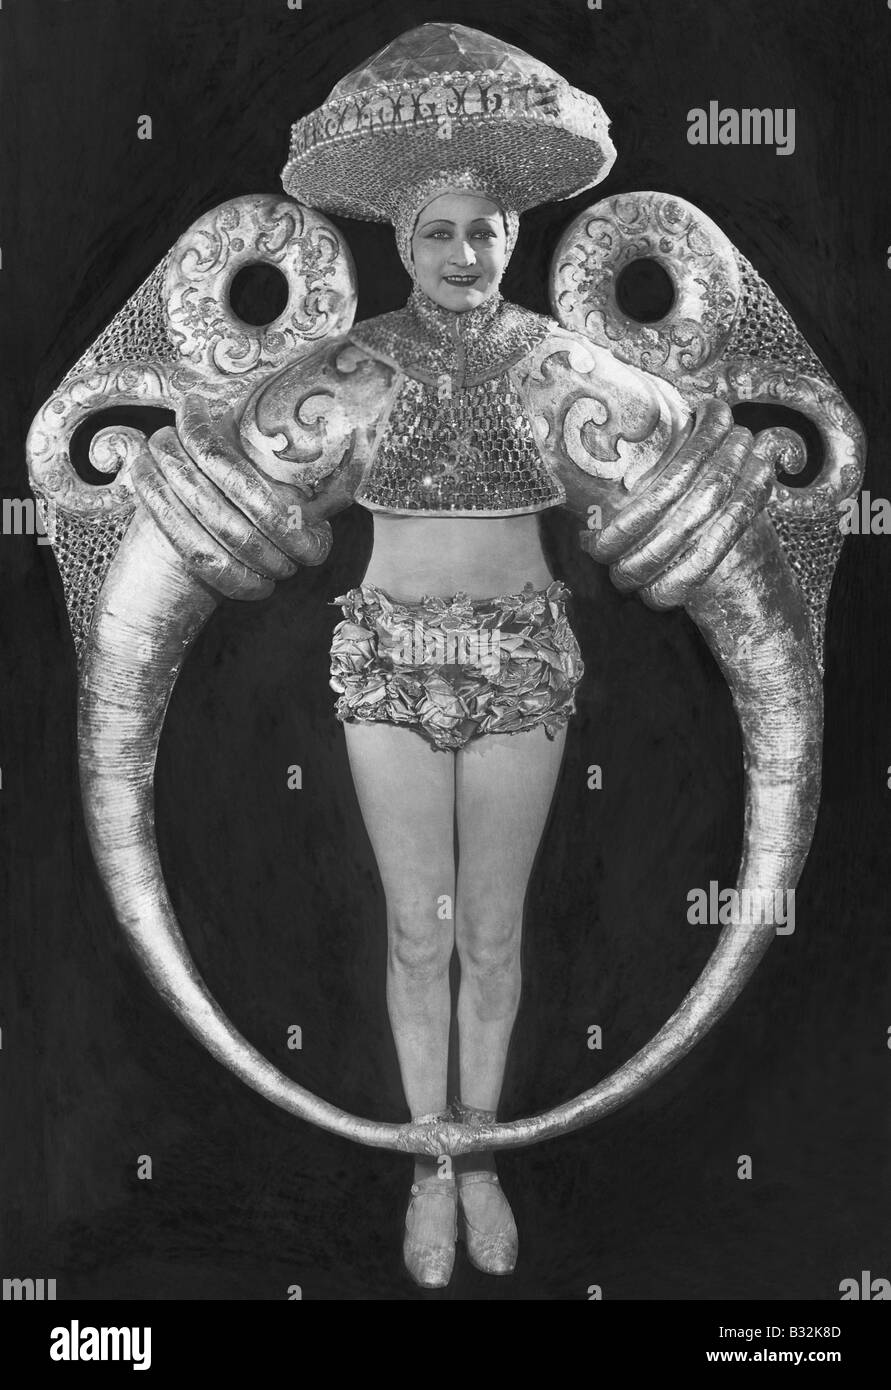 Portrait de femme en costume anneau élaborée Photo Stock